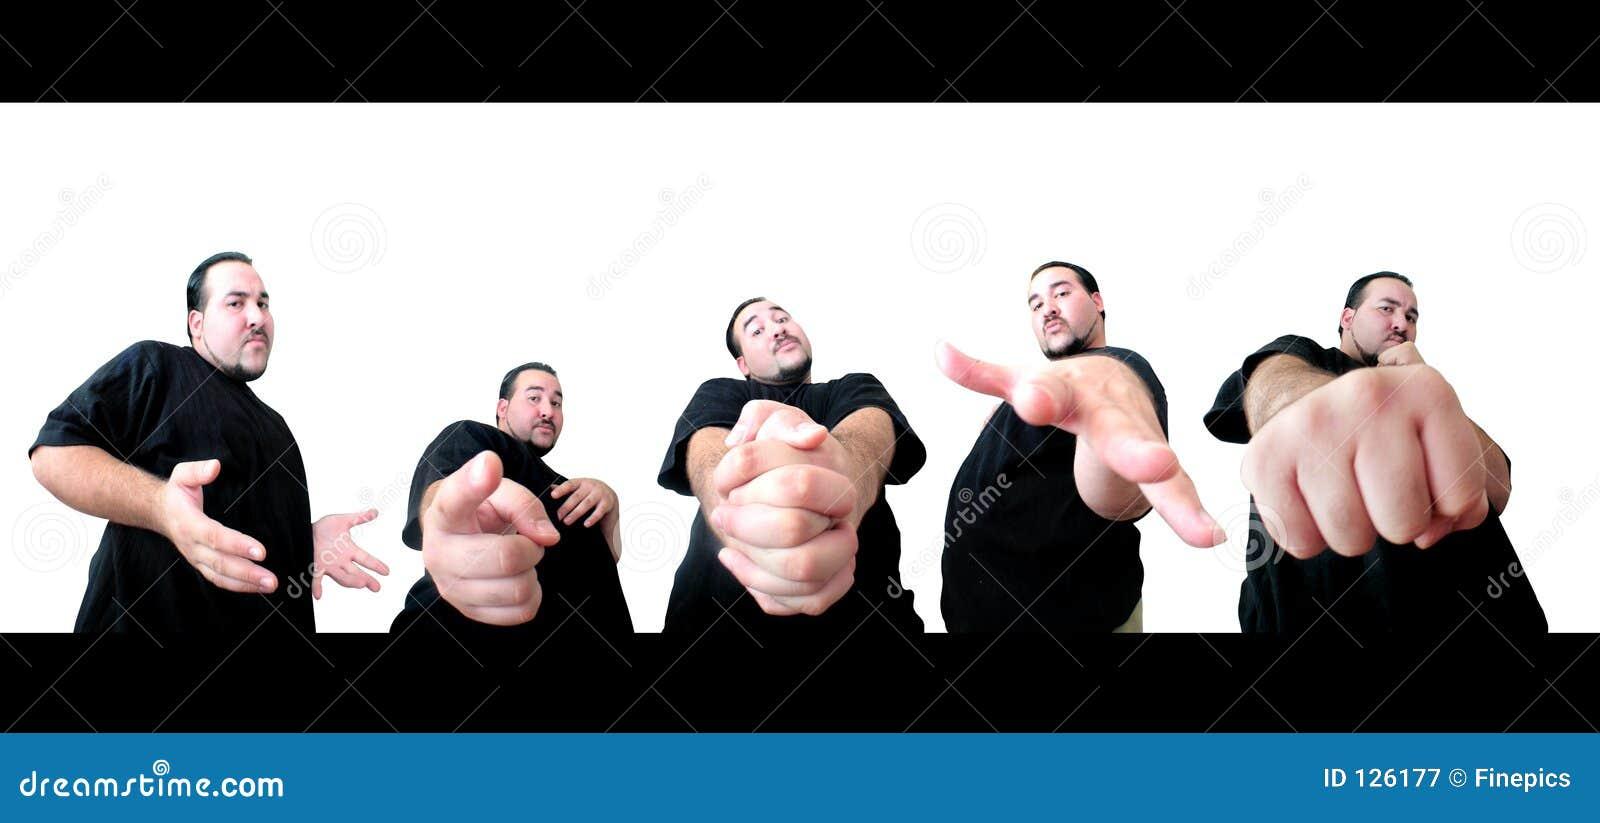 5 pose per voi